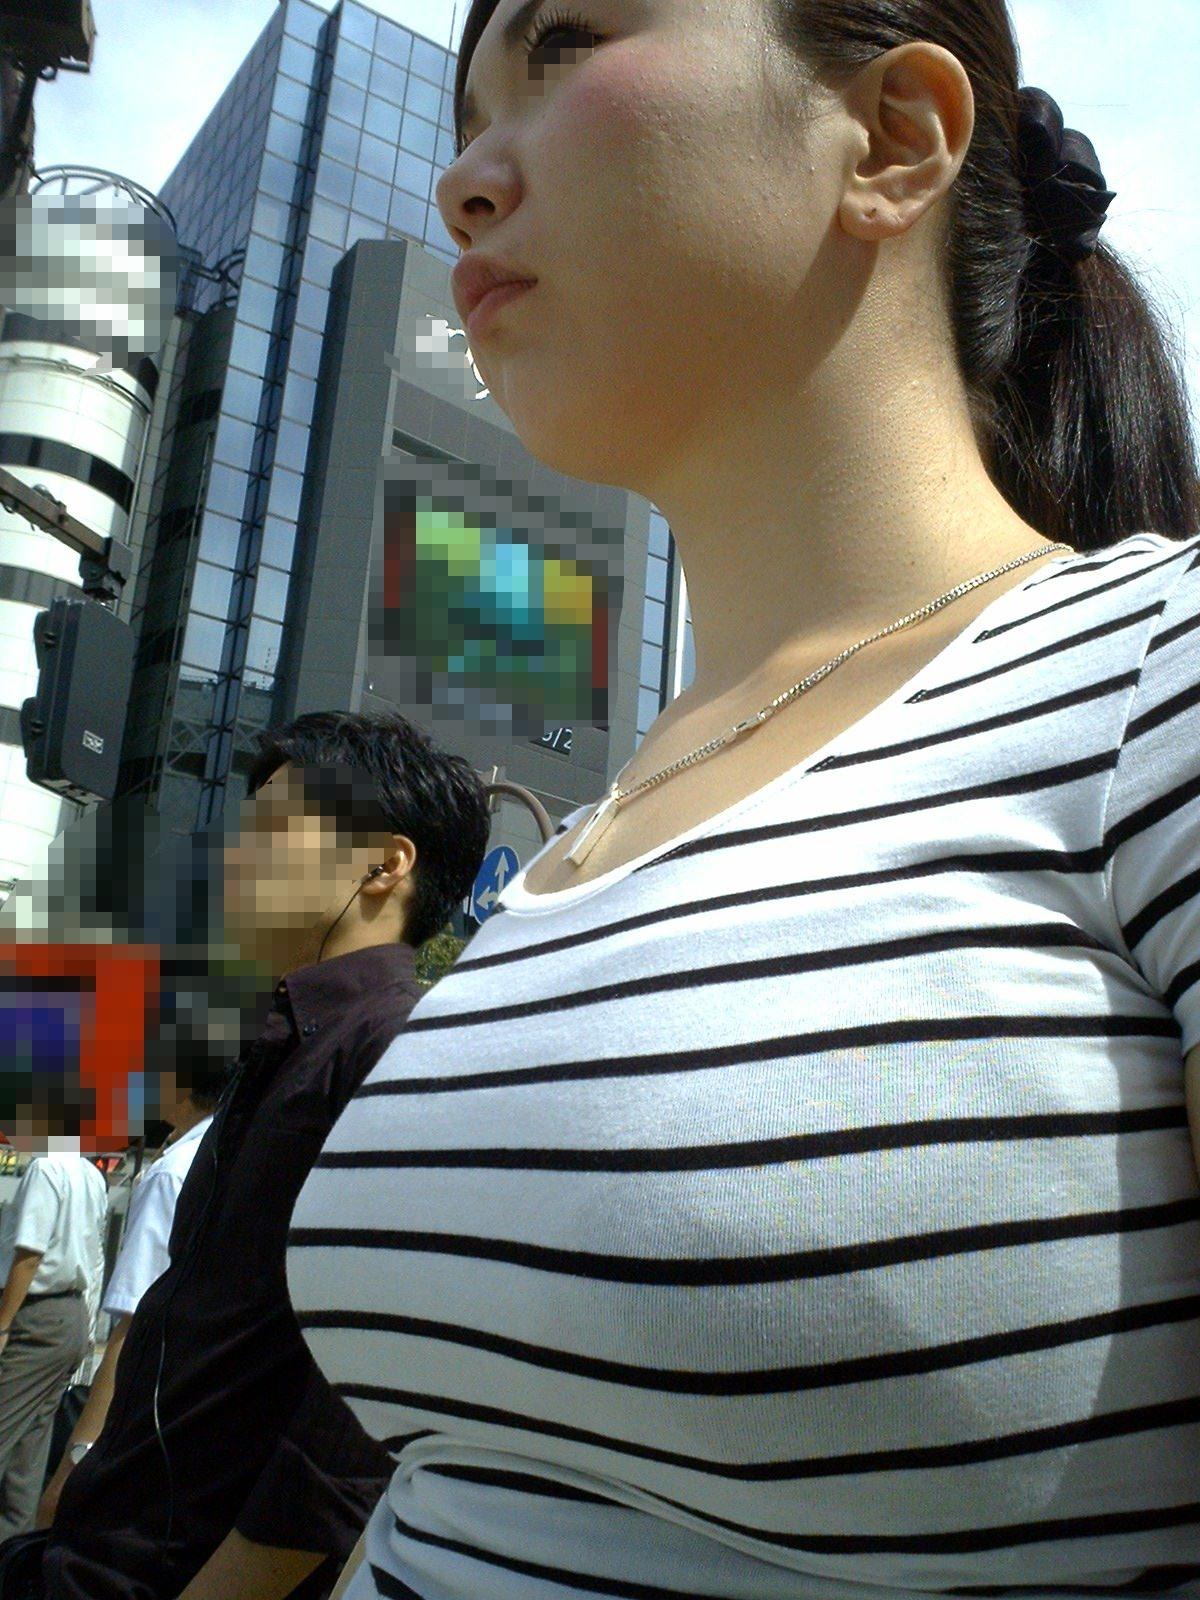 【街撮り盗撮】授乳中の若妻の着衣おっぱいがデカすぎてワロタwwwwww 0414